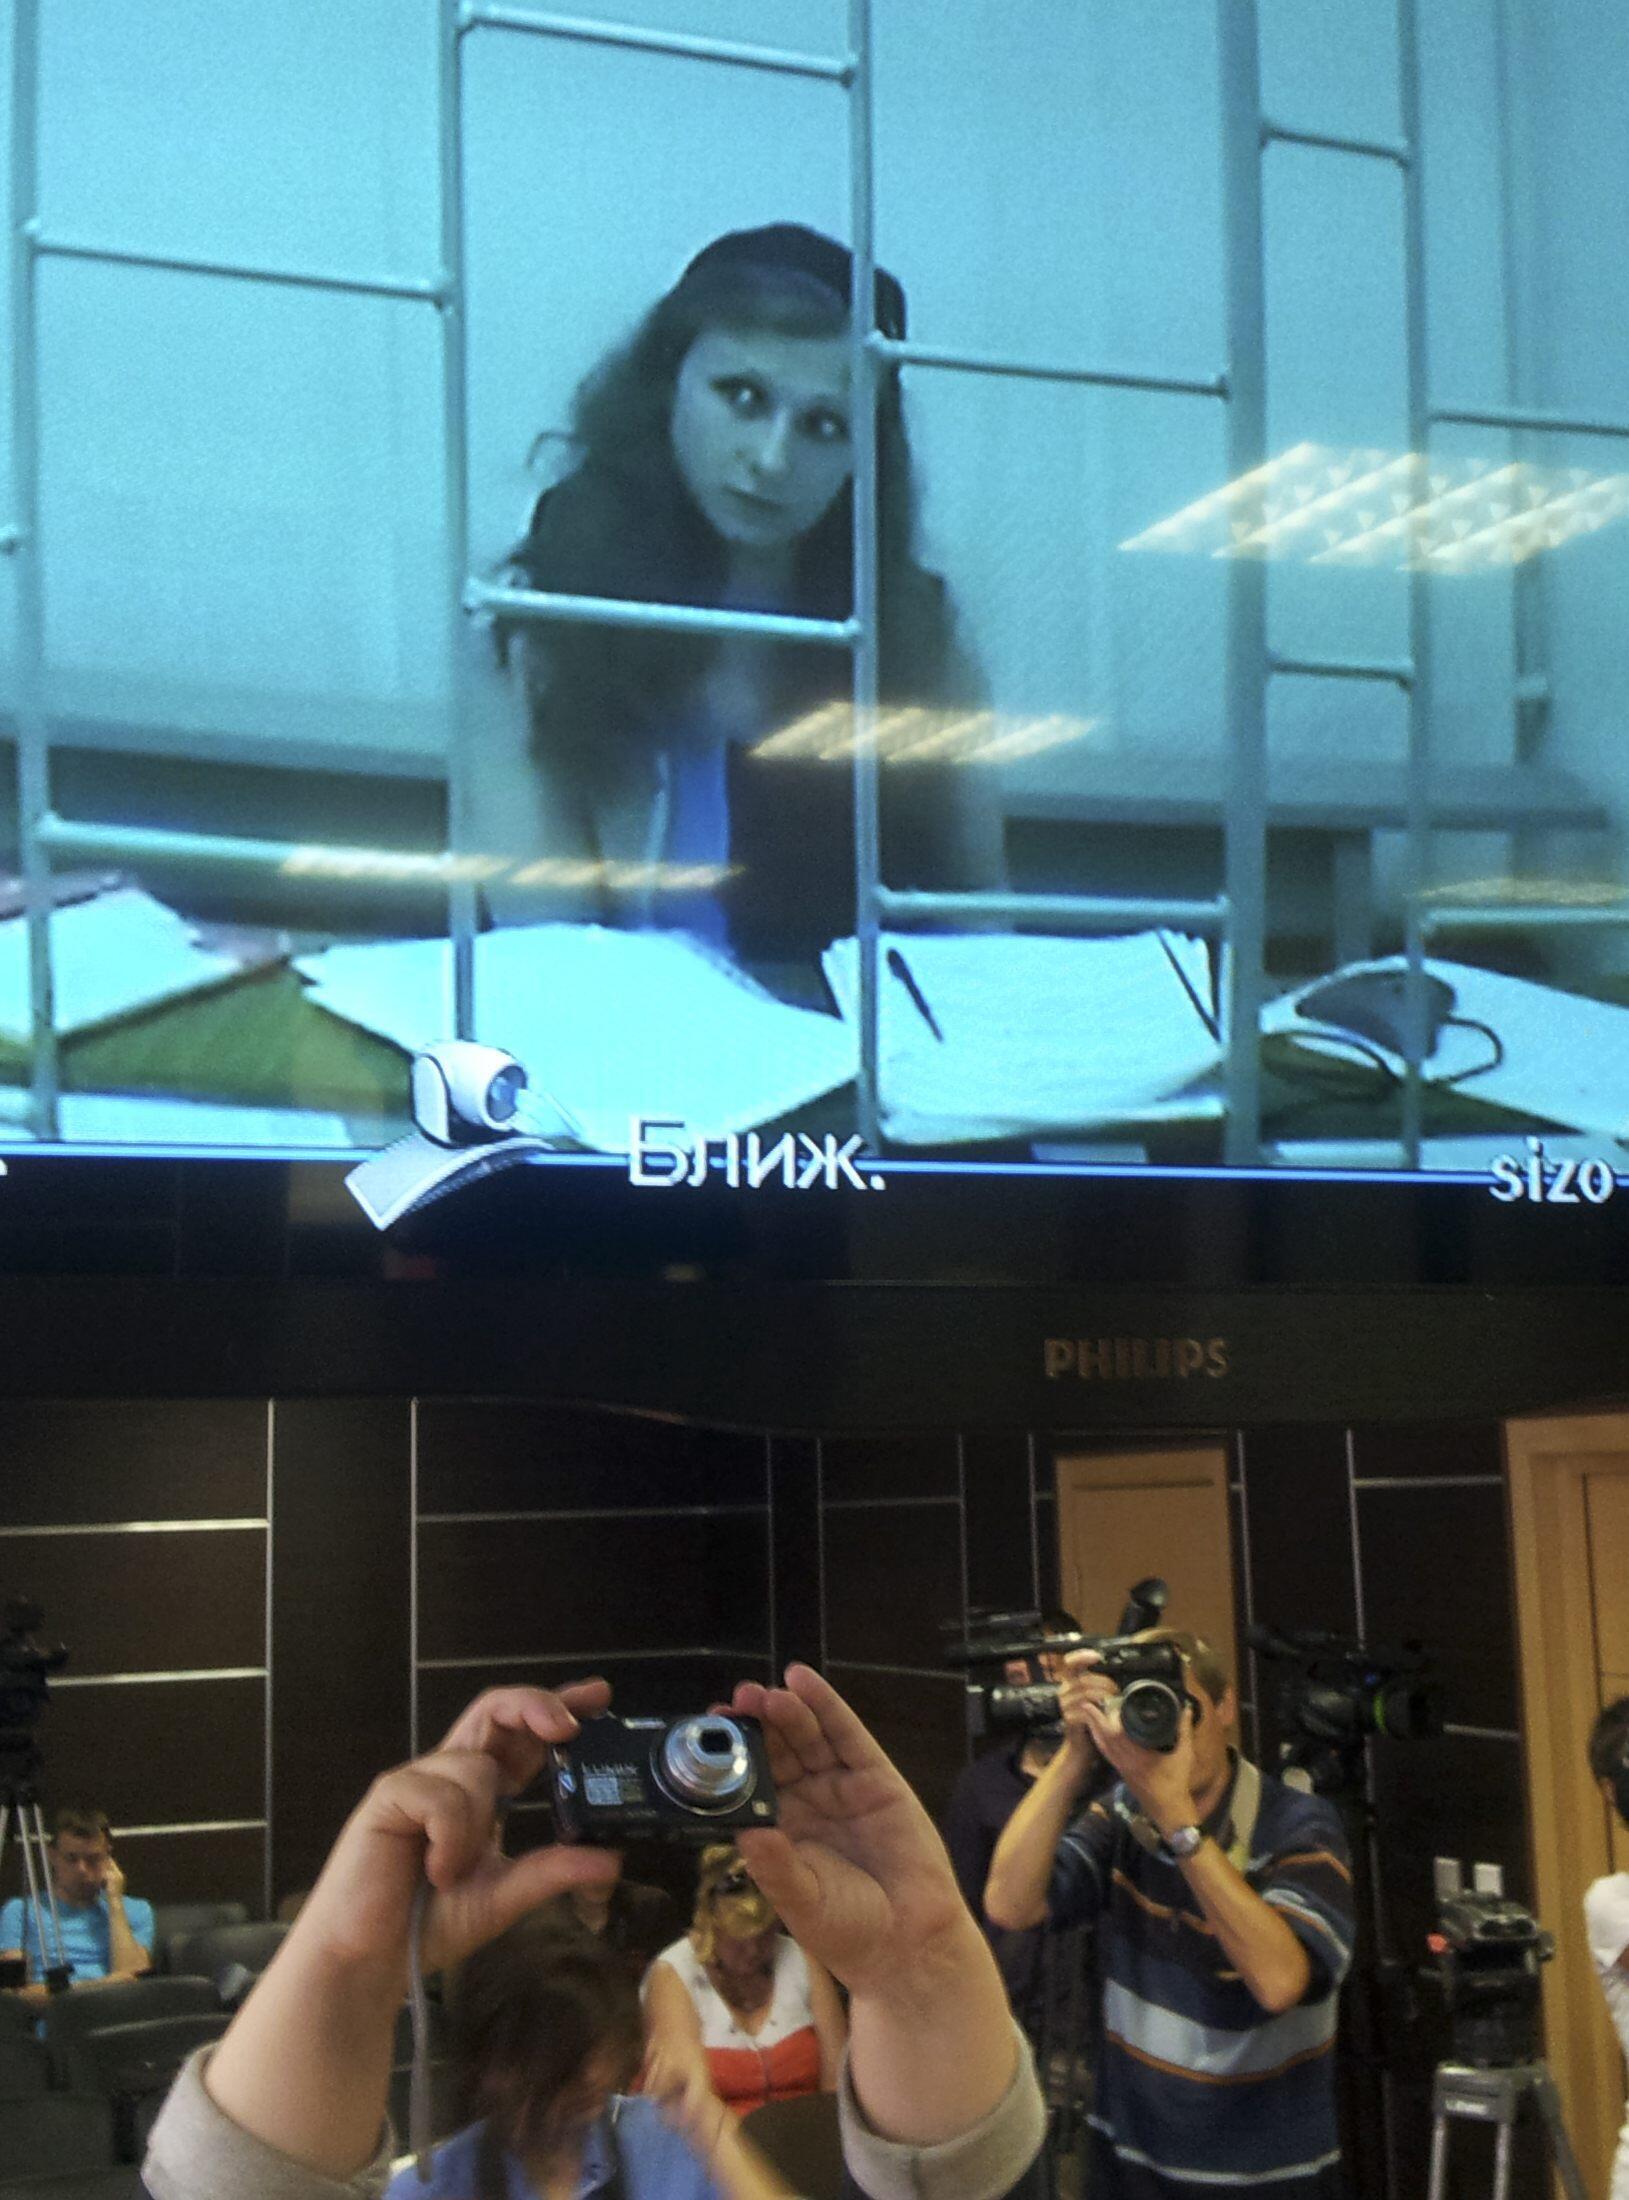 Maria Alekhina aparece em uma tela durante julgamento em tribunal russo nesta quarta-feira, 24 de julho.